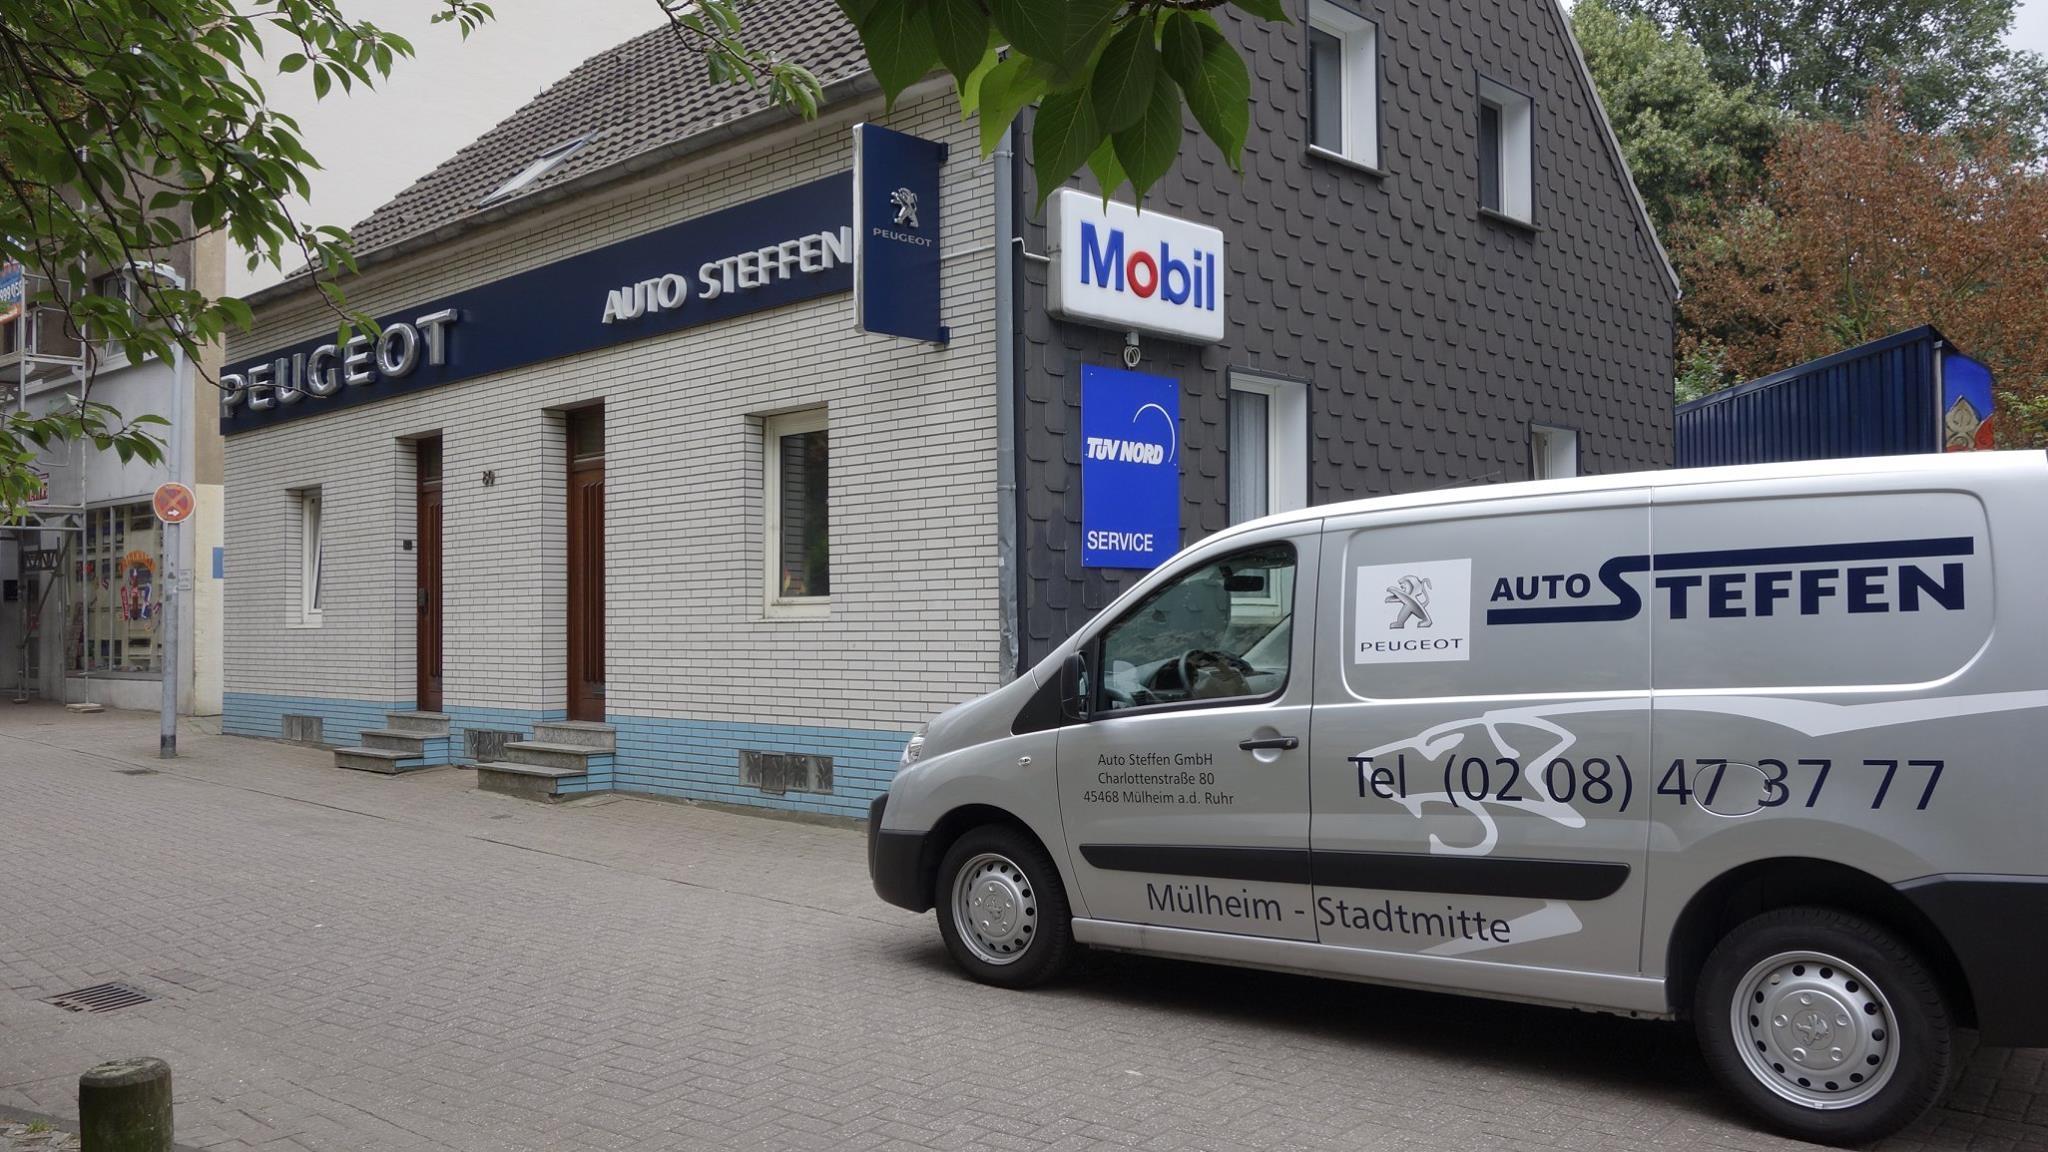 Auto Steffen GmbH